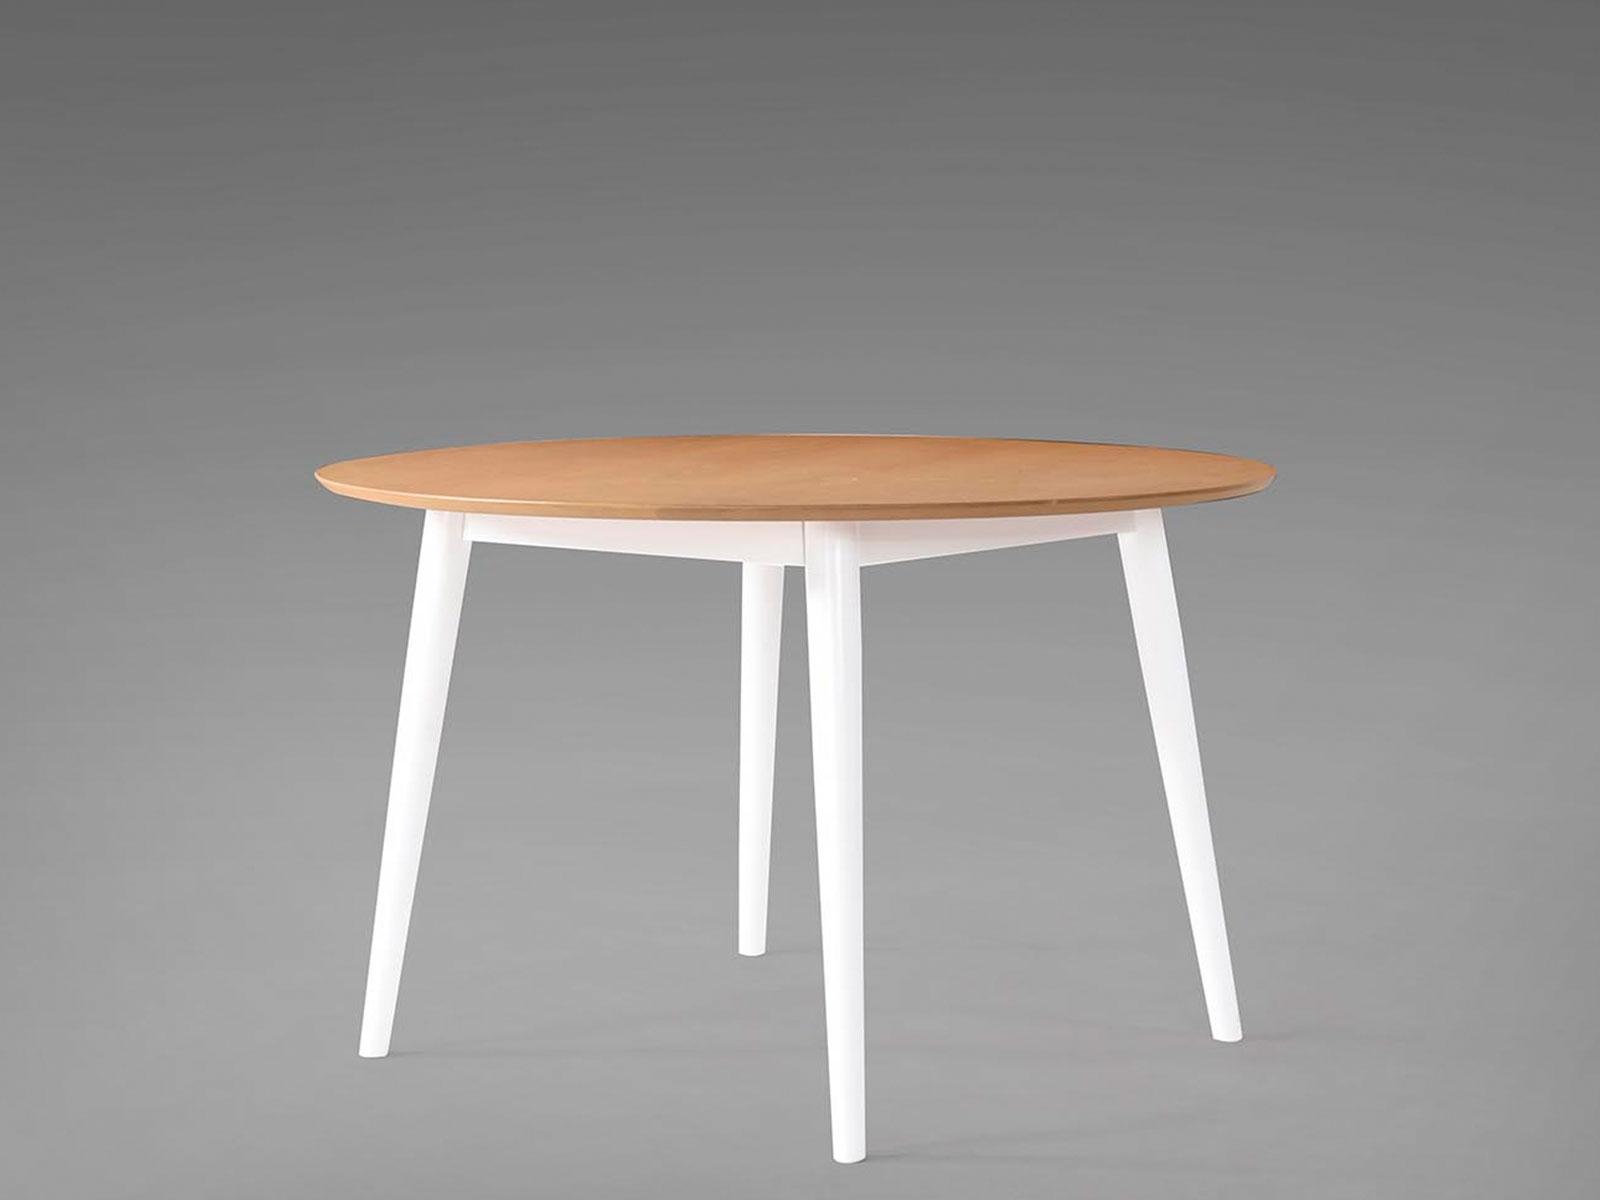 Masa din MDF si furnir Julie White/Beech O120xh75 cm